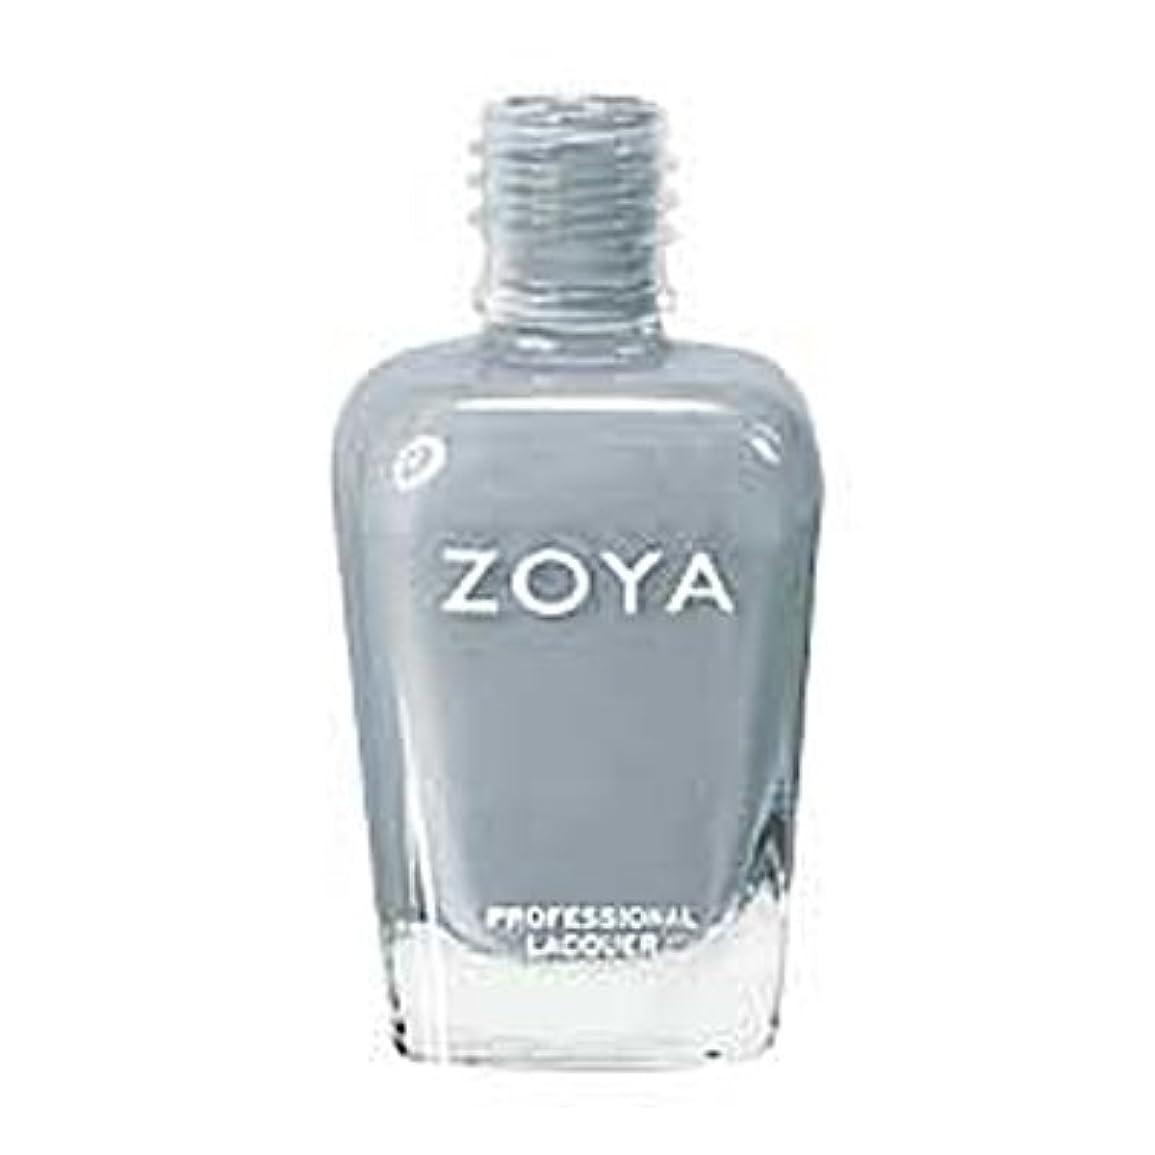 追い越す自発的背の高い[Zoya] ZP591 クリスティン [Feel Collection][並行輸入品][海外直送品]